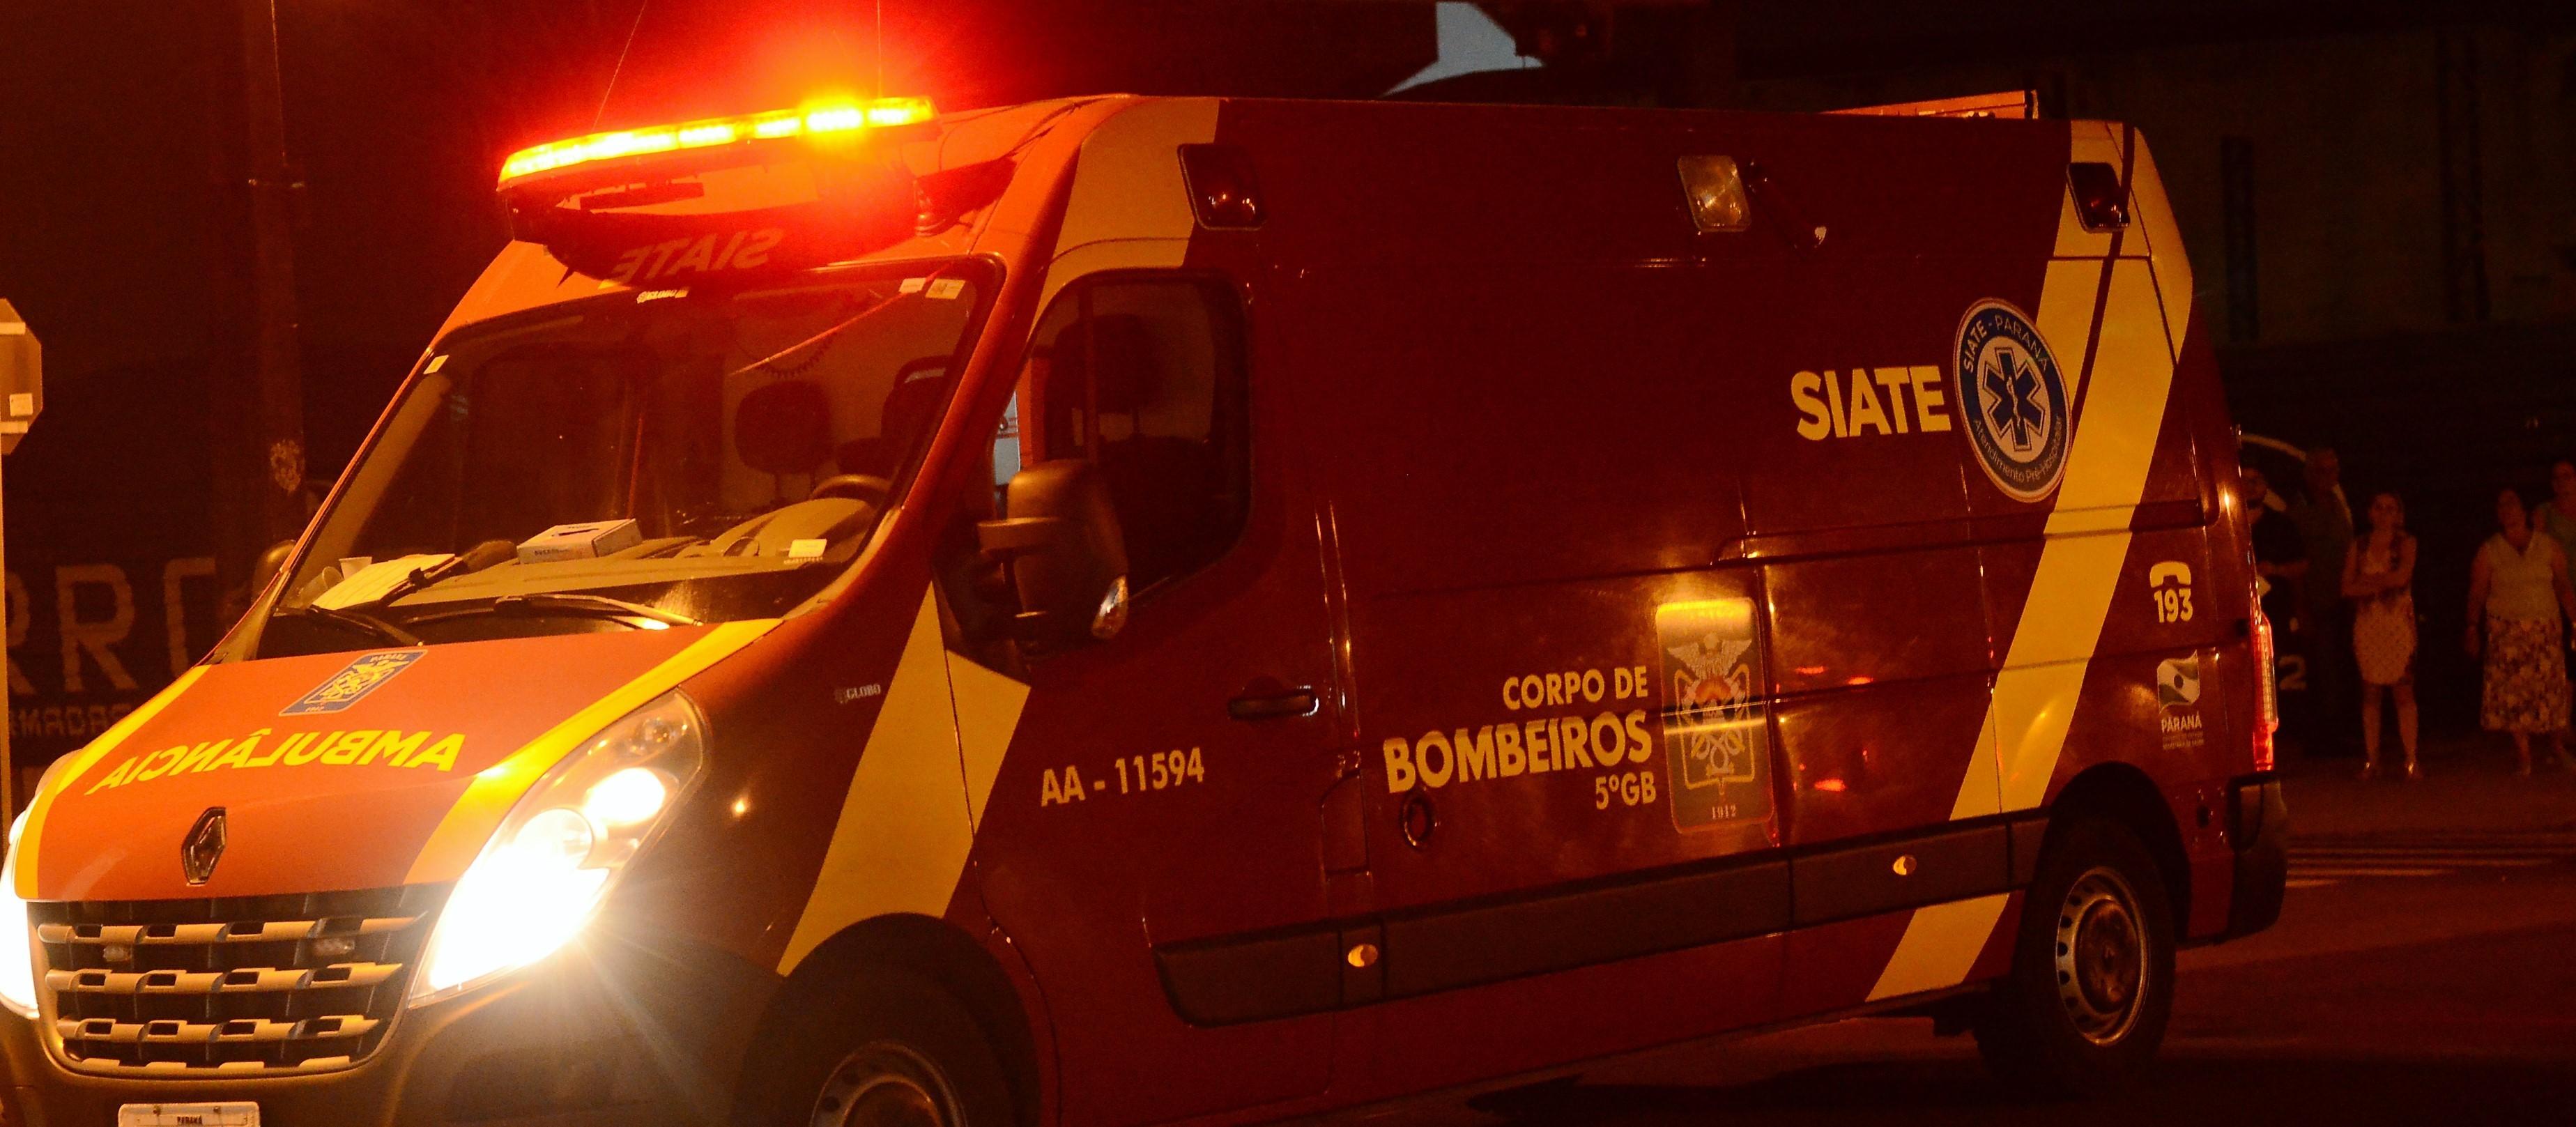 Bombeiros somam 133 atropelamentos e três óbitos este ano em Maringá